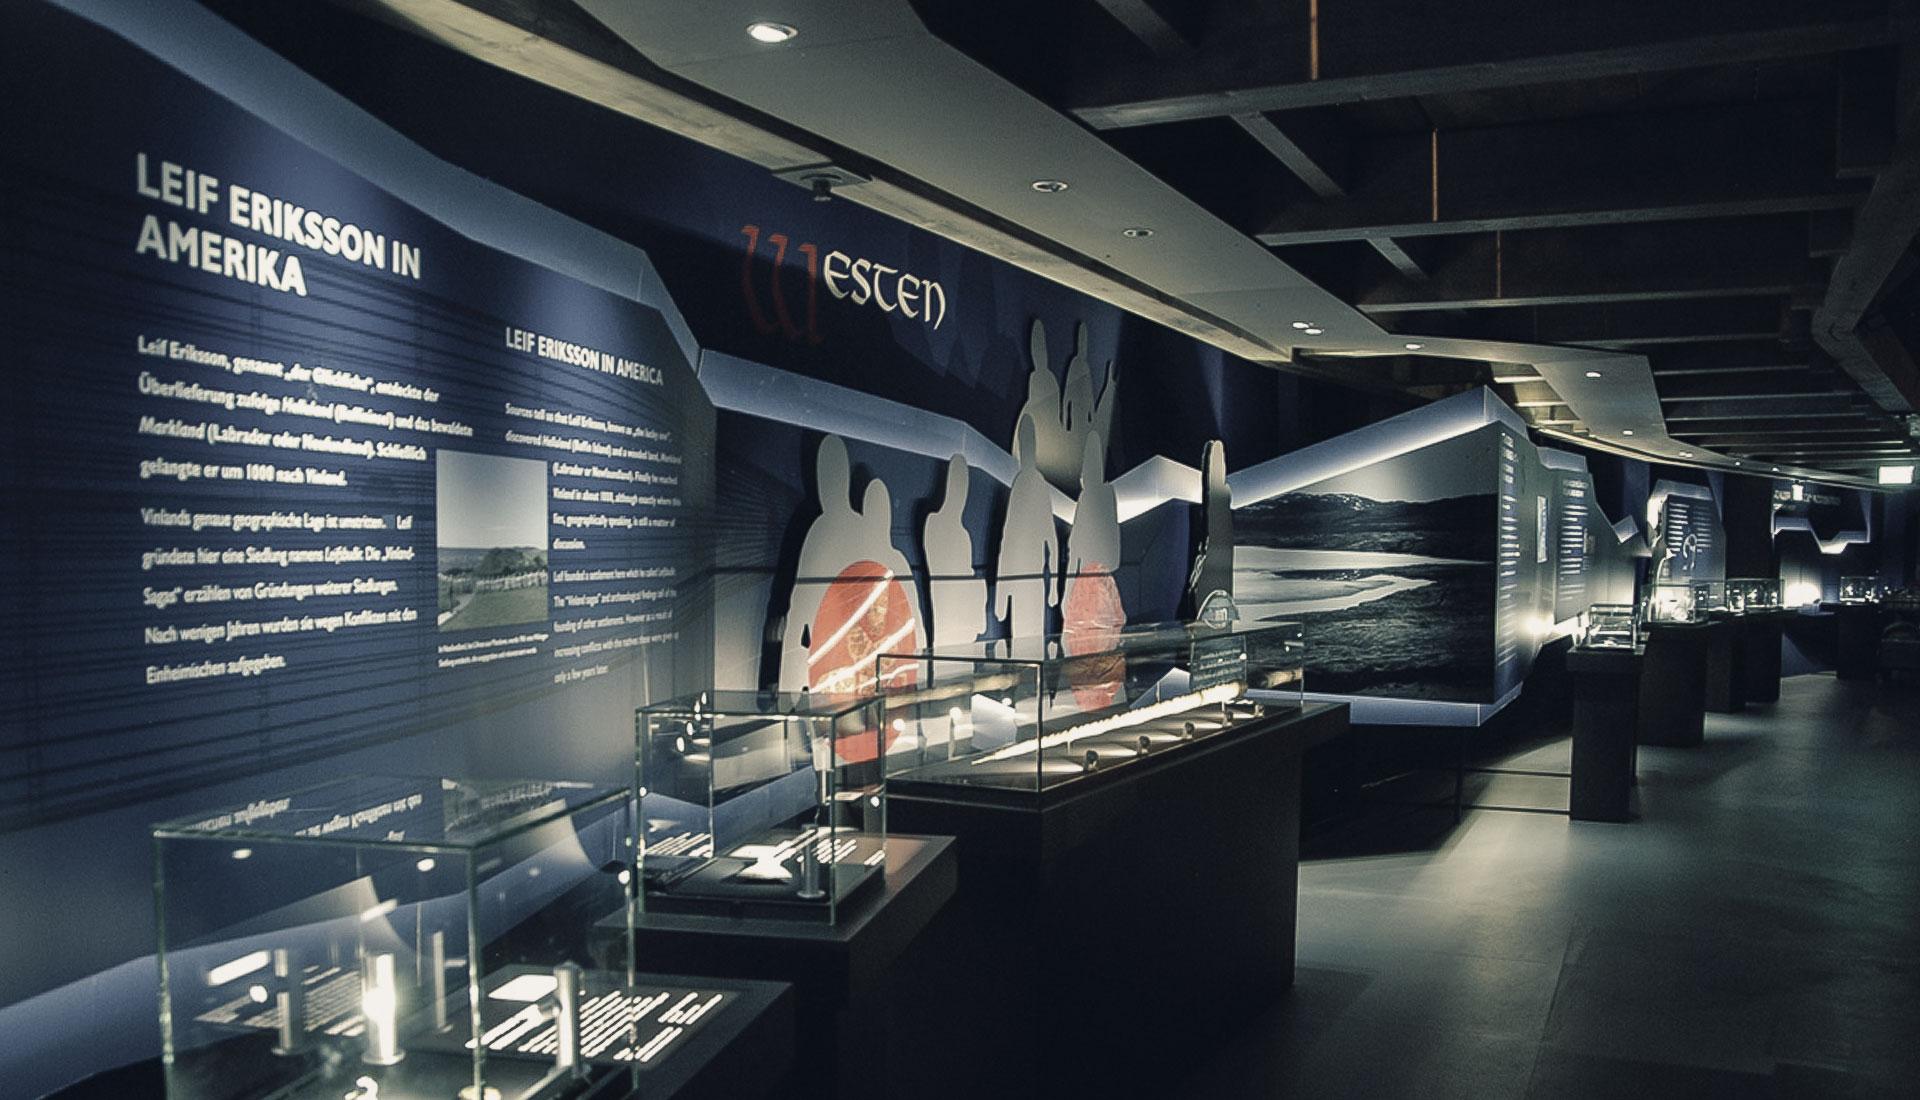 Wikinger! exhibiotion - advancement through technology - studio kudlich exhibition design